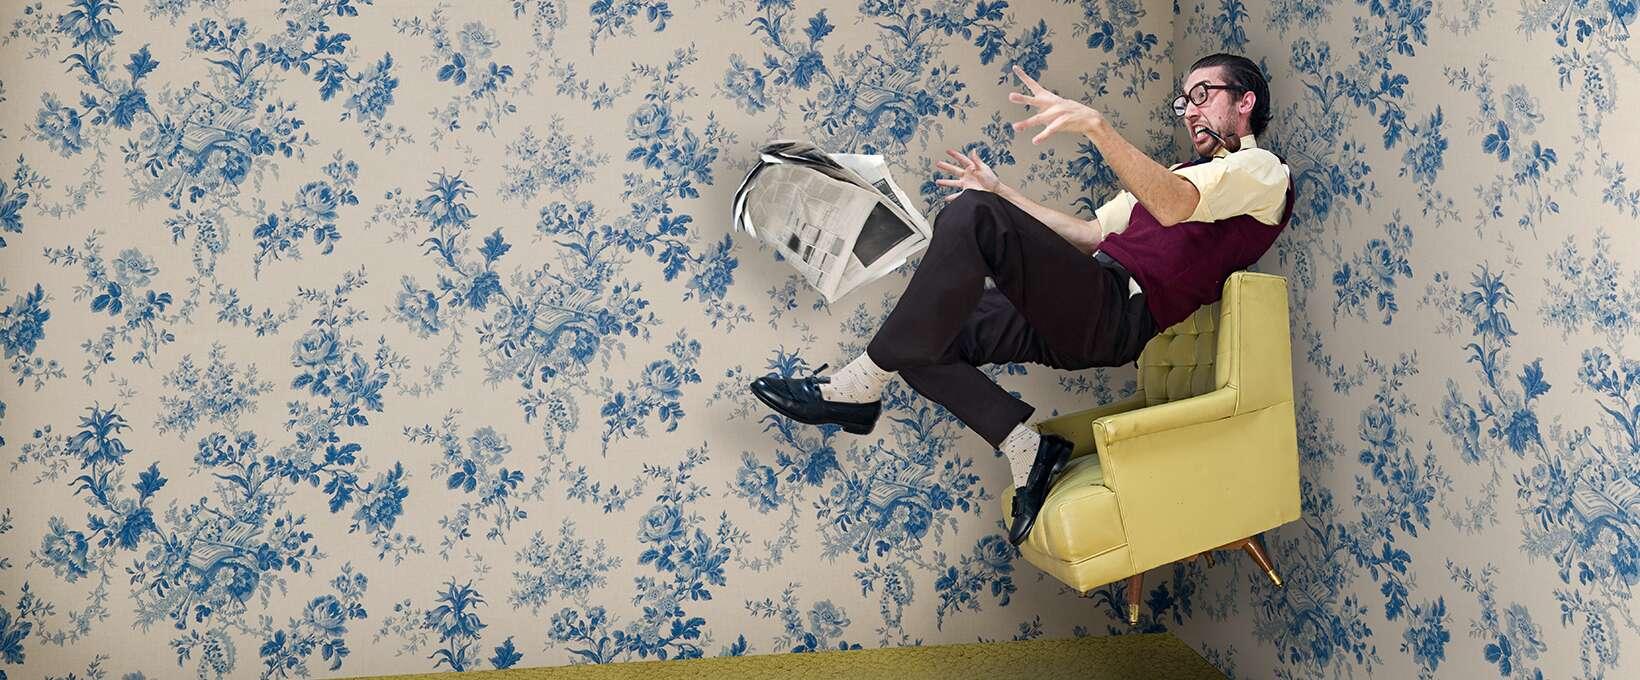 (HOTEL DEAL) Wohnungsgröße bestimmt Zimmerpreis in Hotel